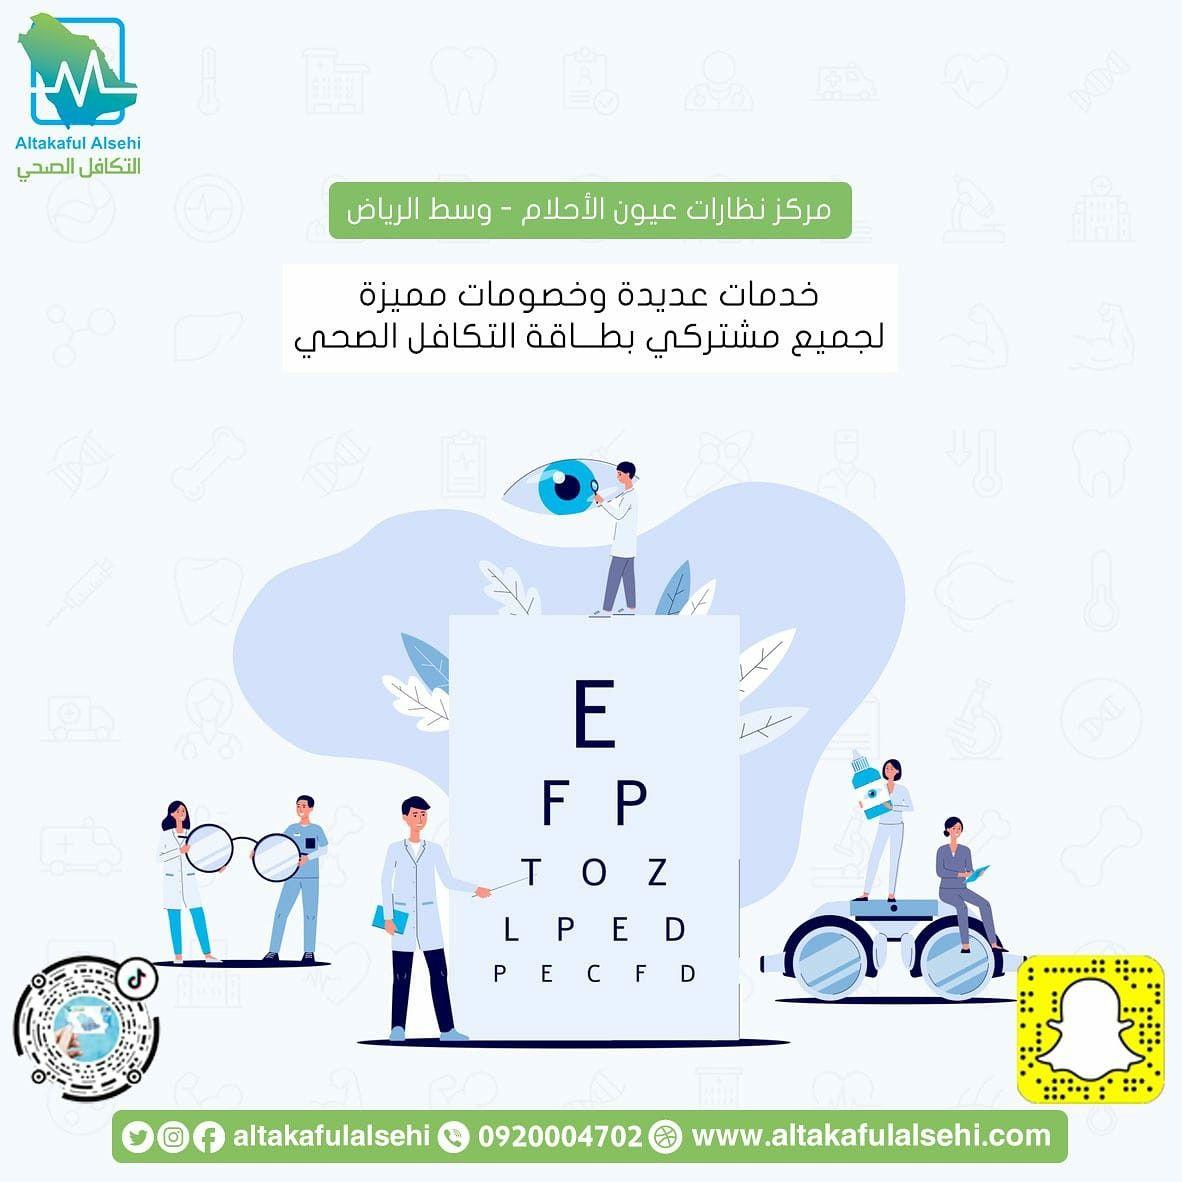 قم بزيارتنا واختر ما يناسبك من النظارات الشمسية والطبية والعدسات من نظارات عيون الأحلام في وسط الرياض بخصومات على بطاقة التكافل ا In 2020 Health Insurance Map Health